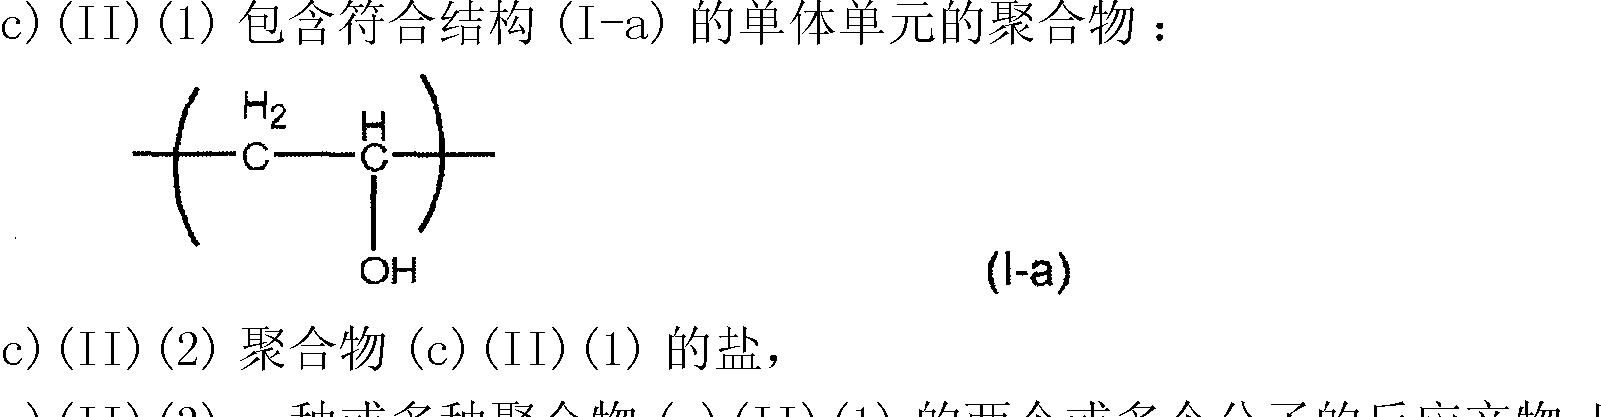 Figure CN101466538BC00112